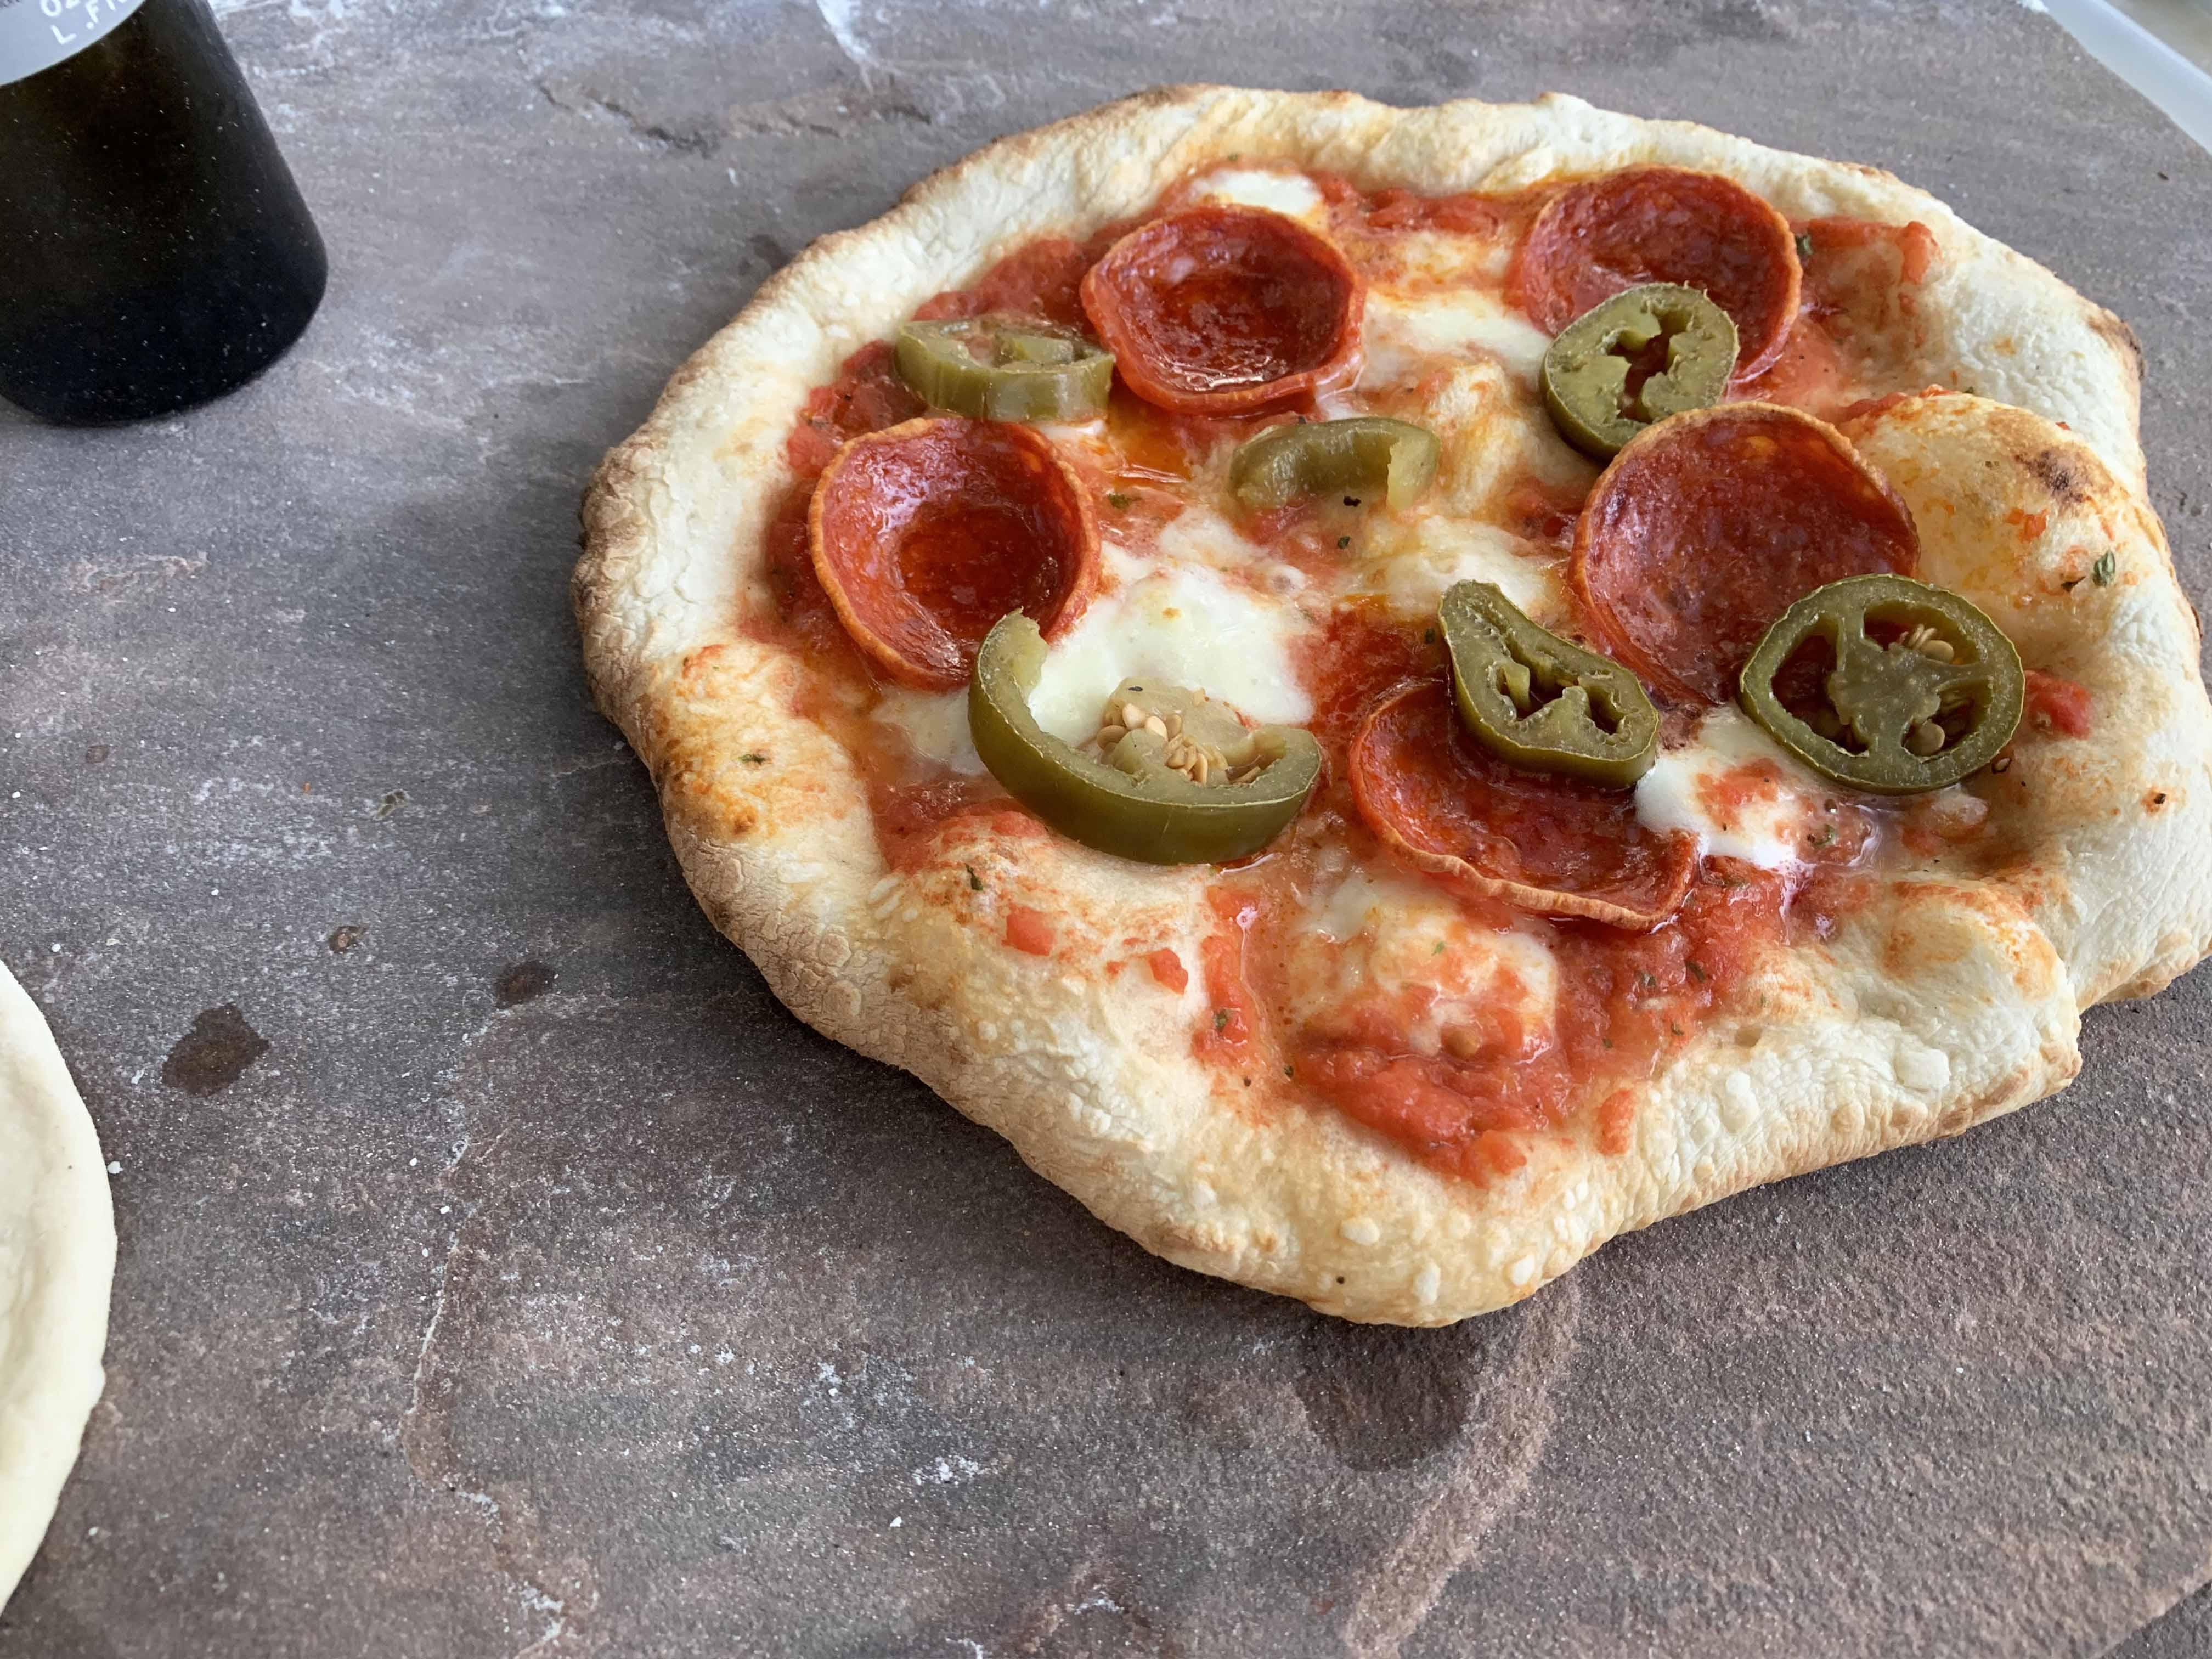 Igneus Classico Pizza Oven - Pizza 2